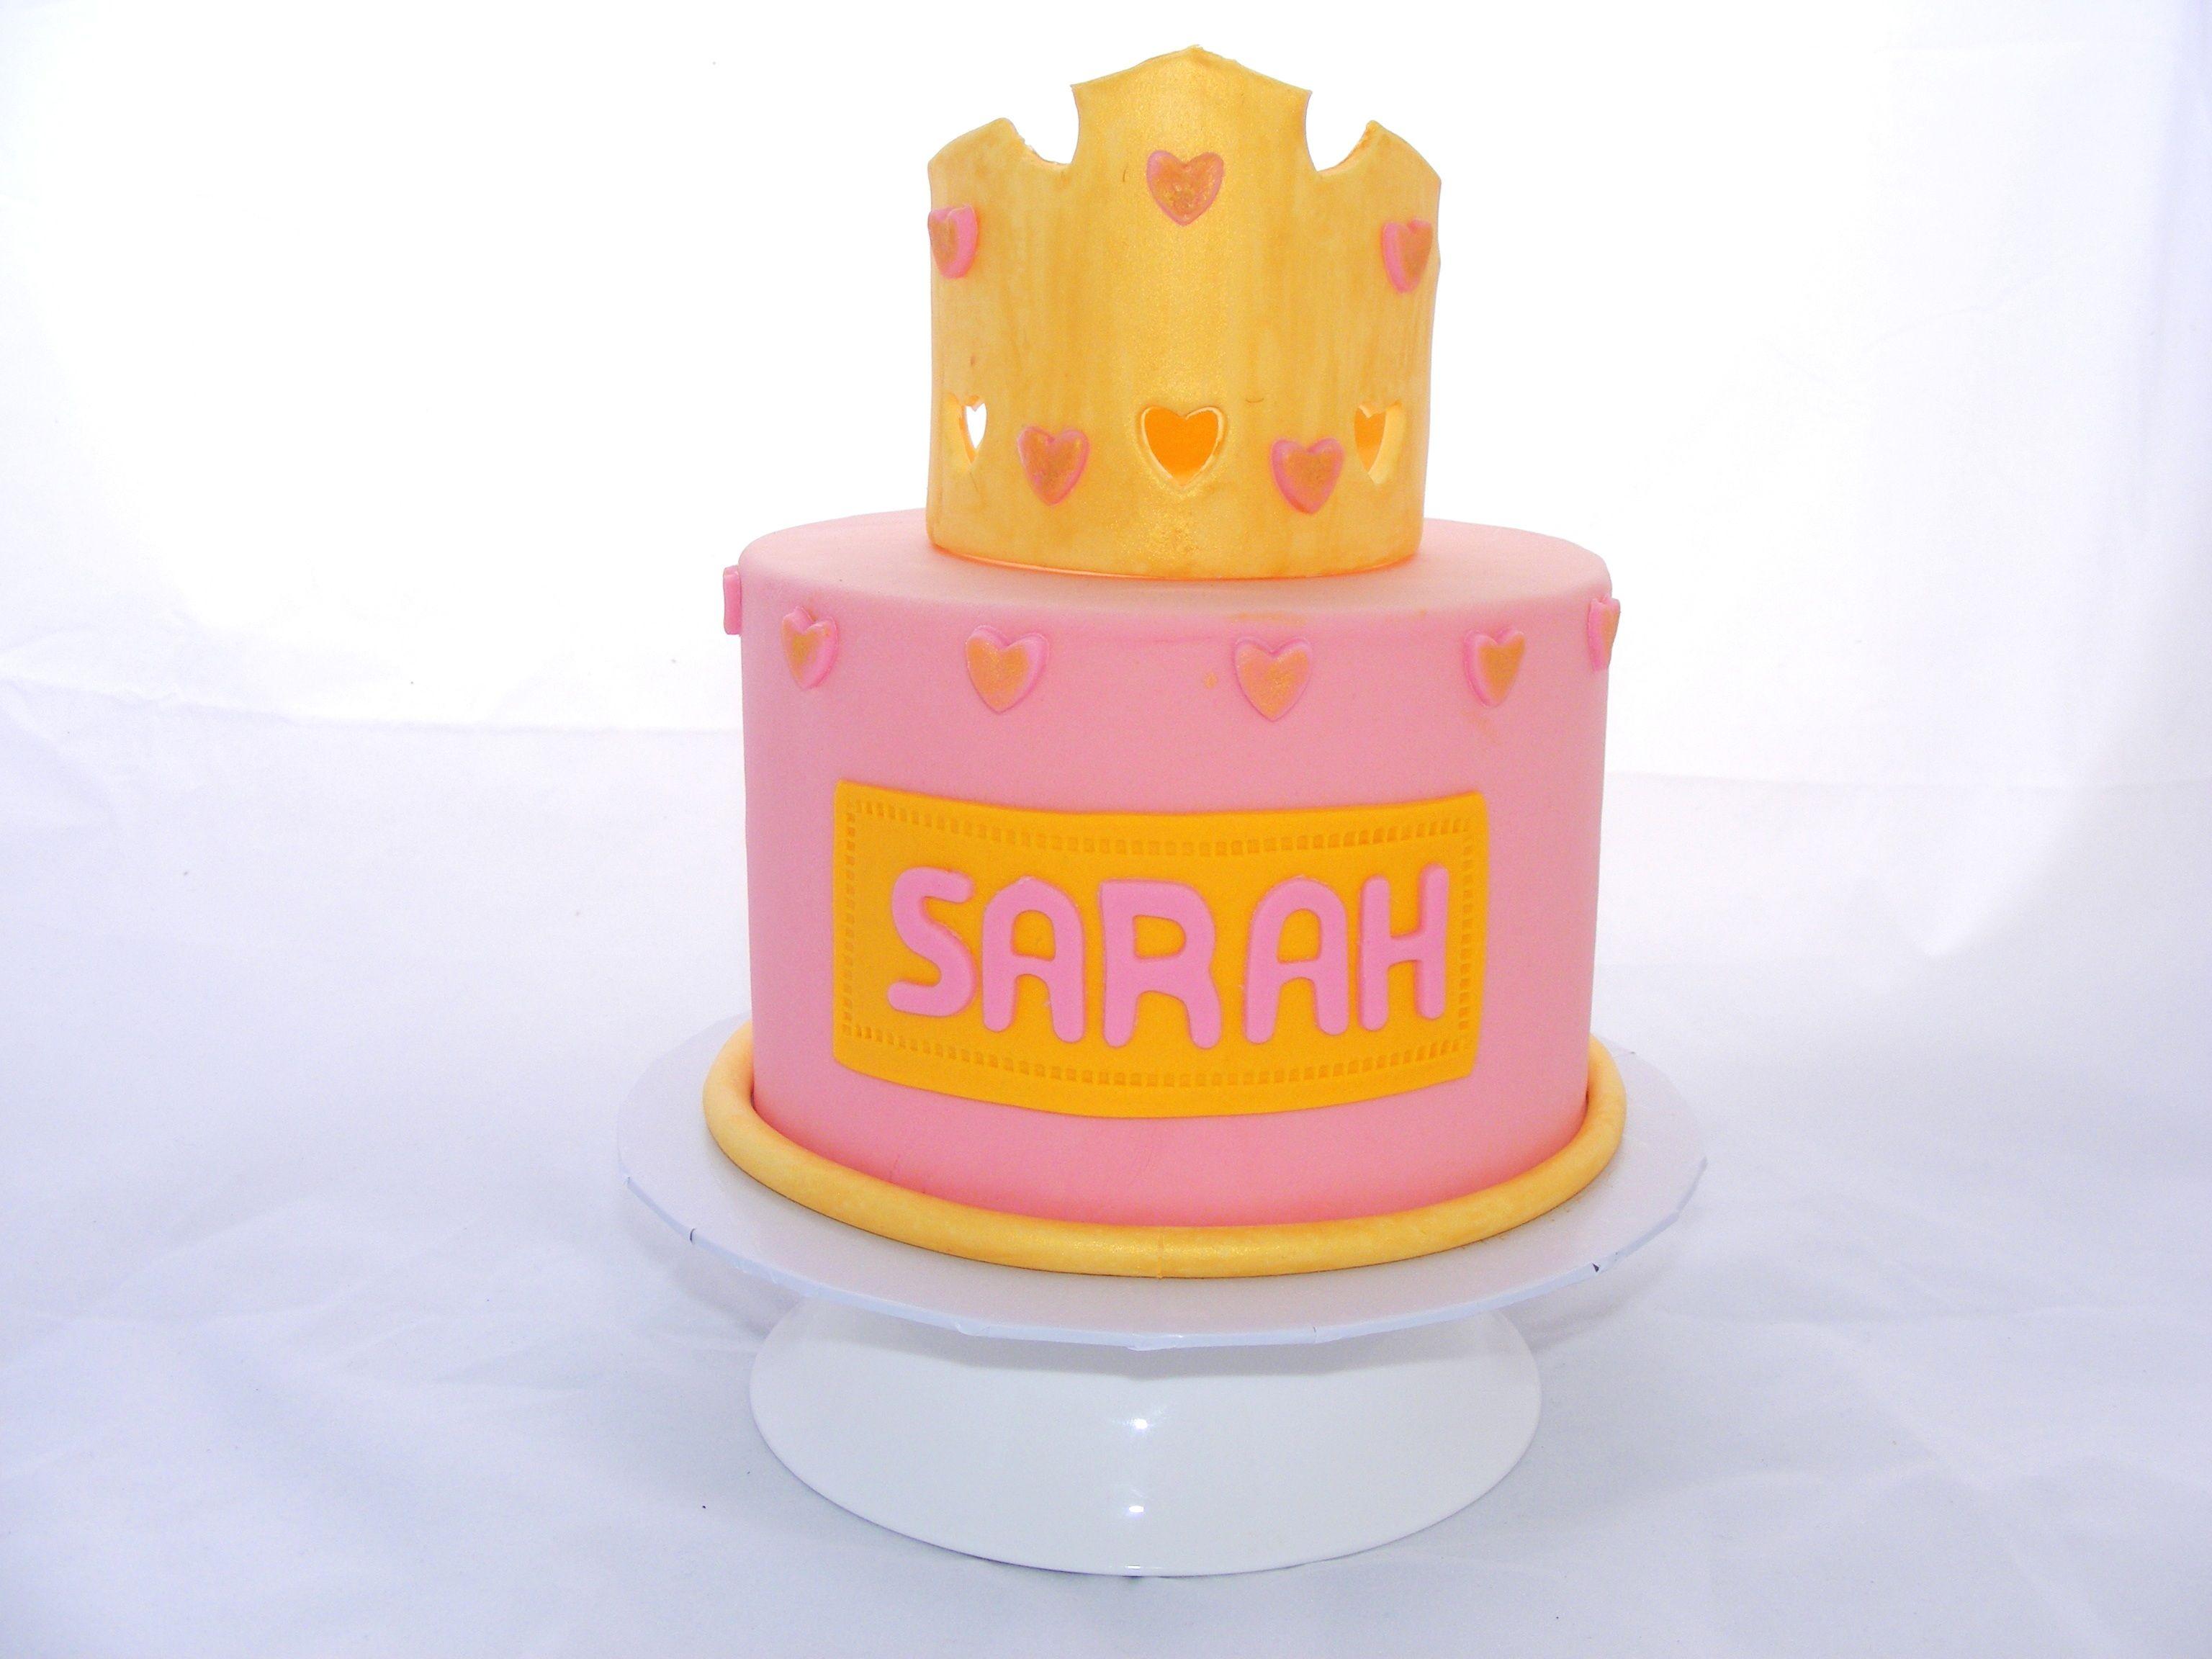 Fondant Tiara Cake by My Cake Place http://www.mycakeplace.com.au/